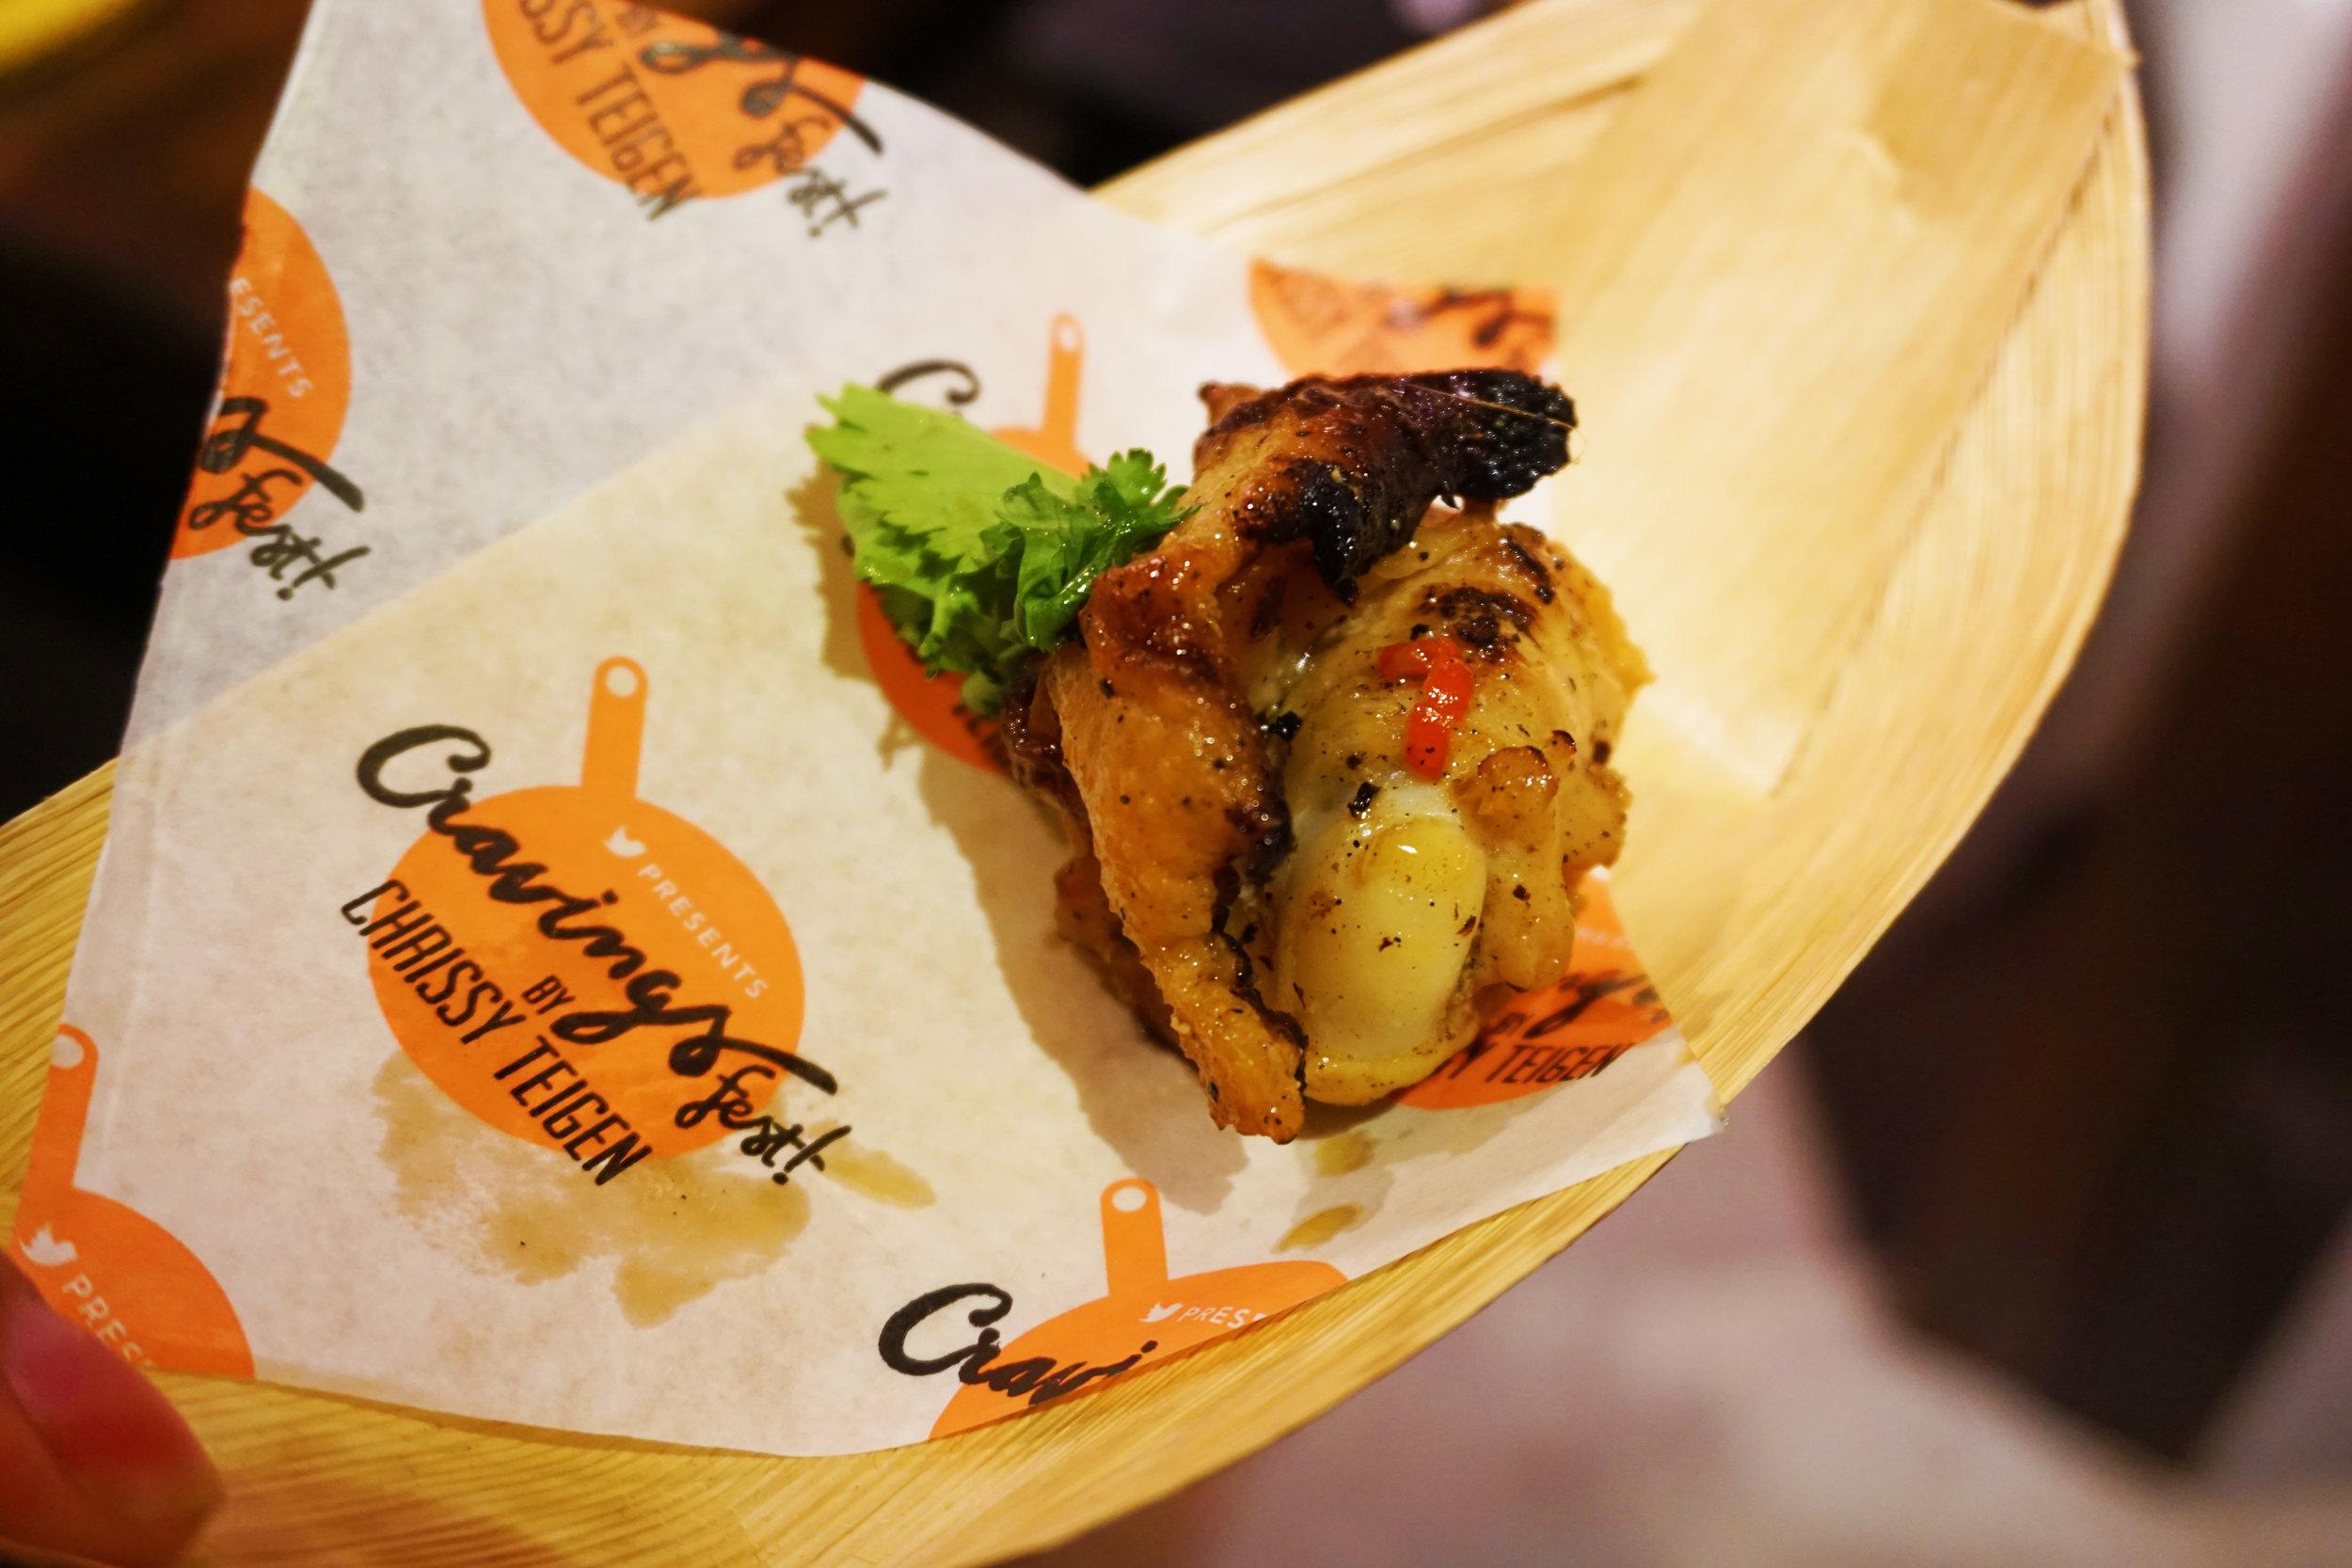 Thai-glazed chicken wing